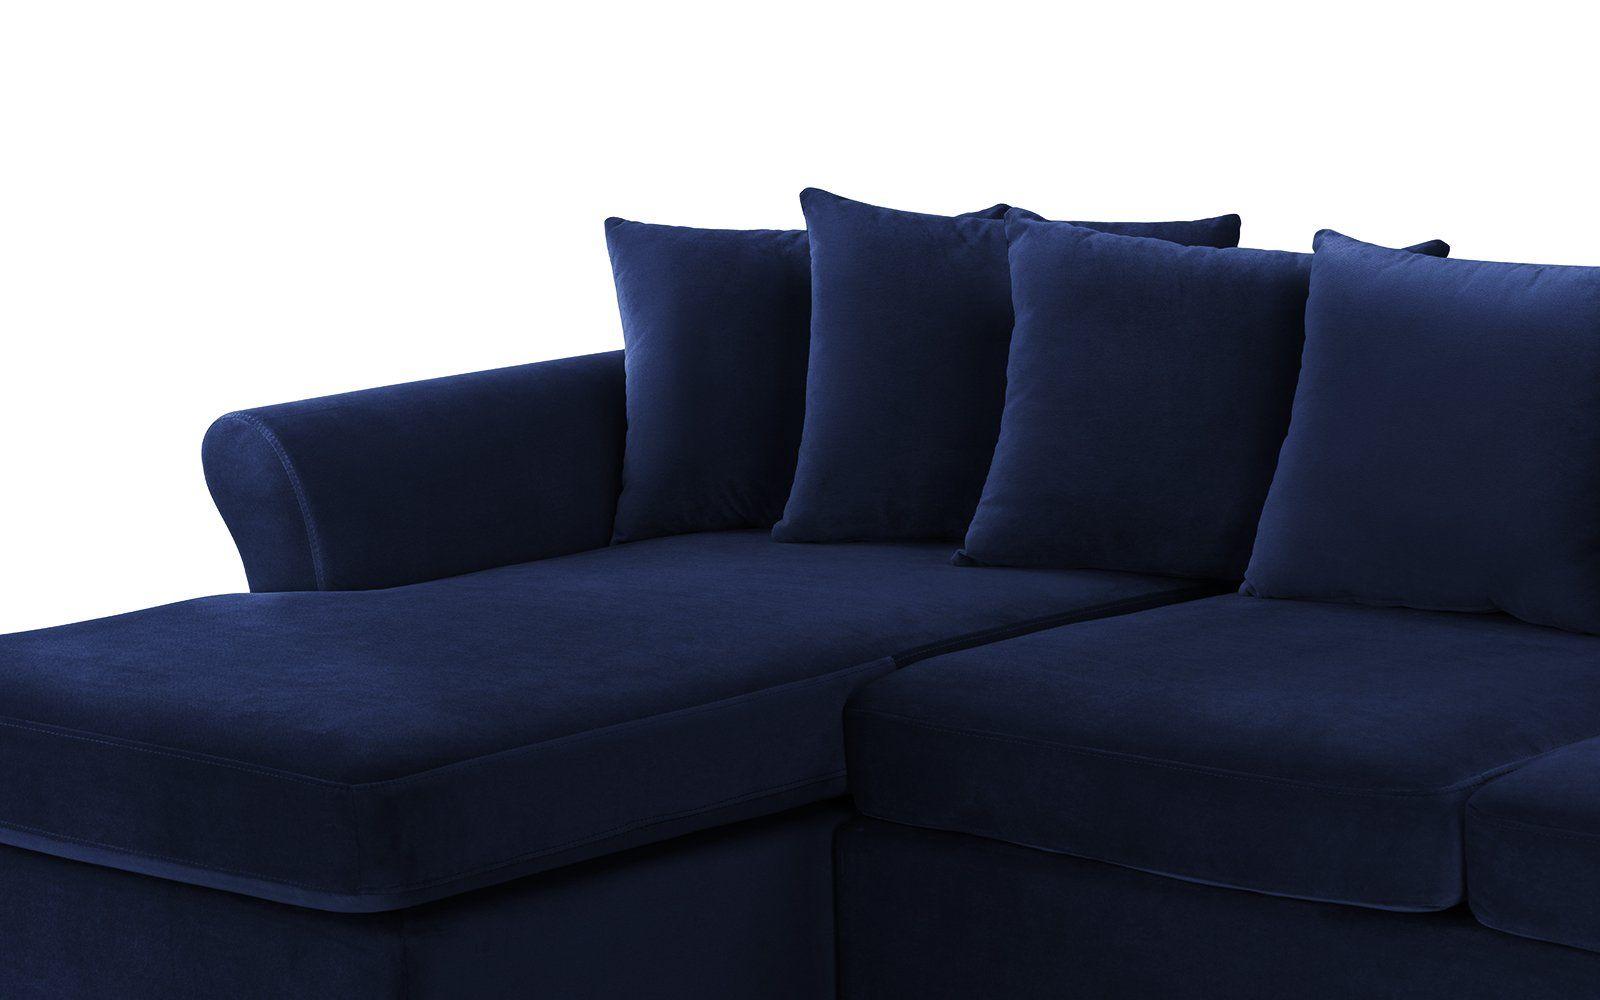 Swell Arendal Classic Victorian Inspired Velvet Sectional Sofa Short Links Chair Design For Home Short Linksinfo